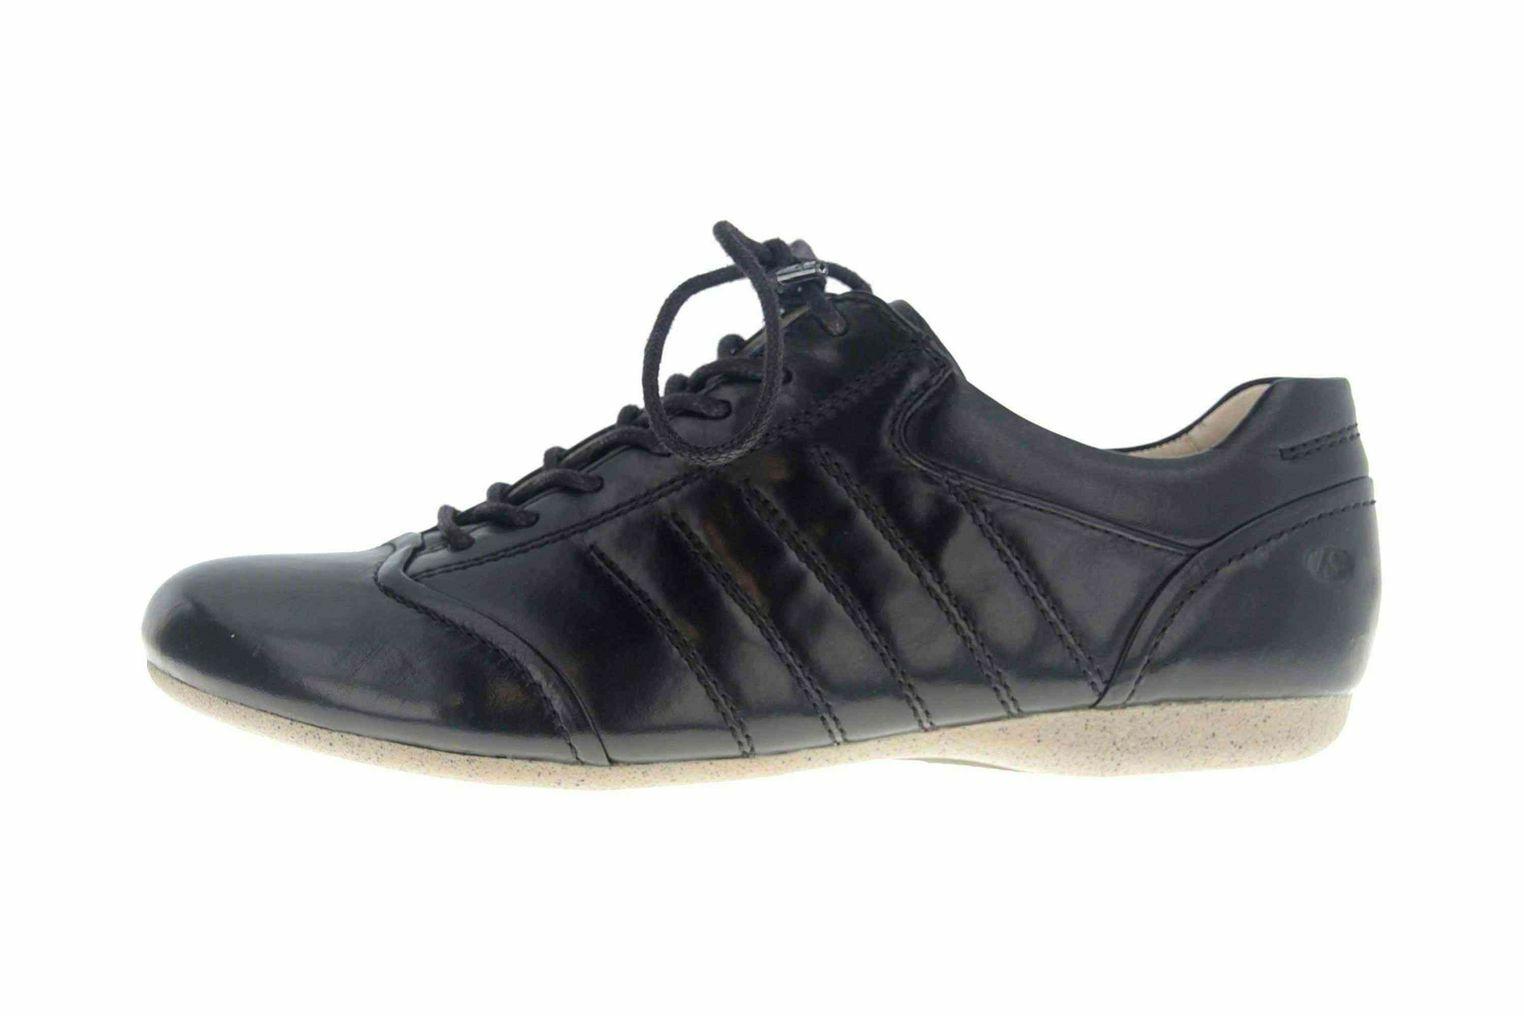 Josef  seibel fiona 61 scarpe di dimensioni speciali nere 87261 971 100 dimensioni  varie dimensioni